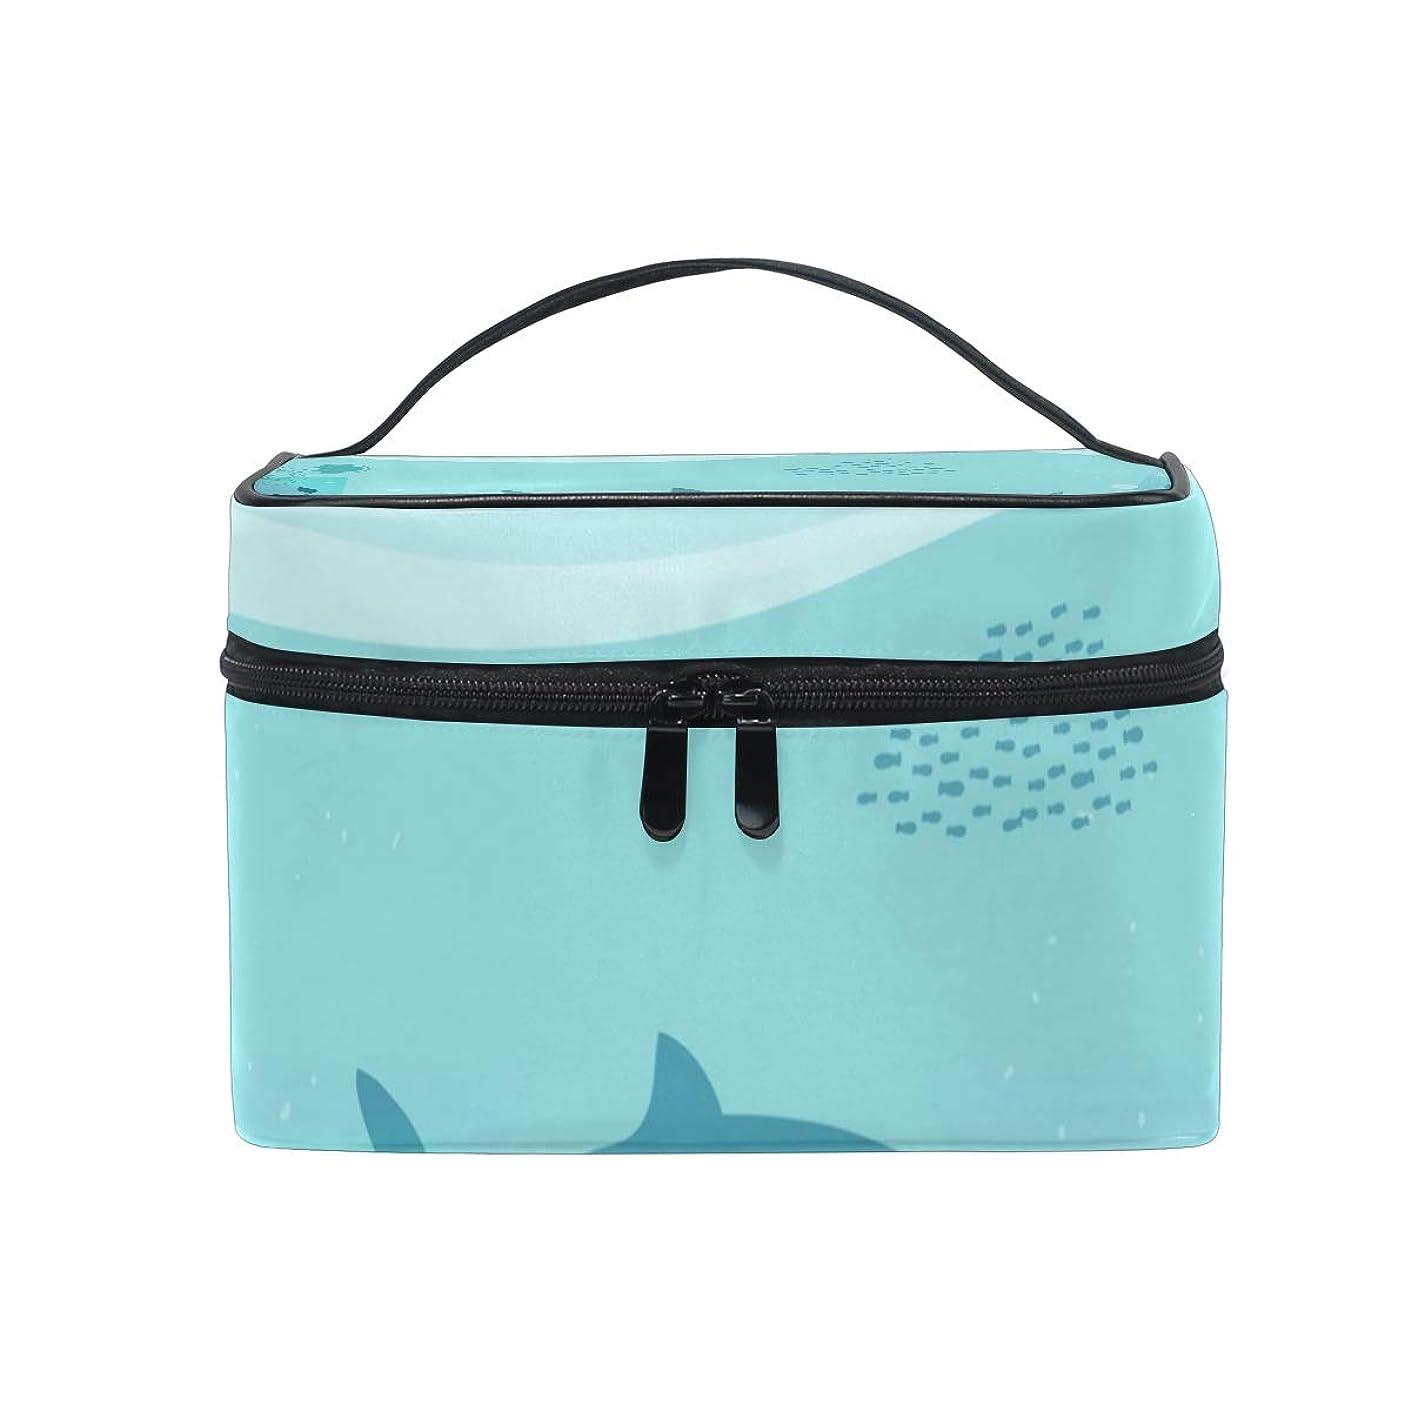 彫刻戸惑うボックスメイクボックス 海、自然の風景柄 化粧ポーチ 化粧品 化粧道具 小物入れ メイクブラシバッグ 大容量 旅行用 収納ケース